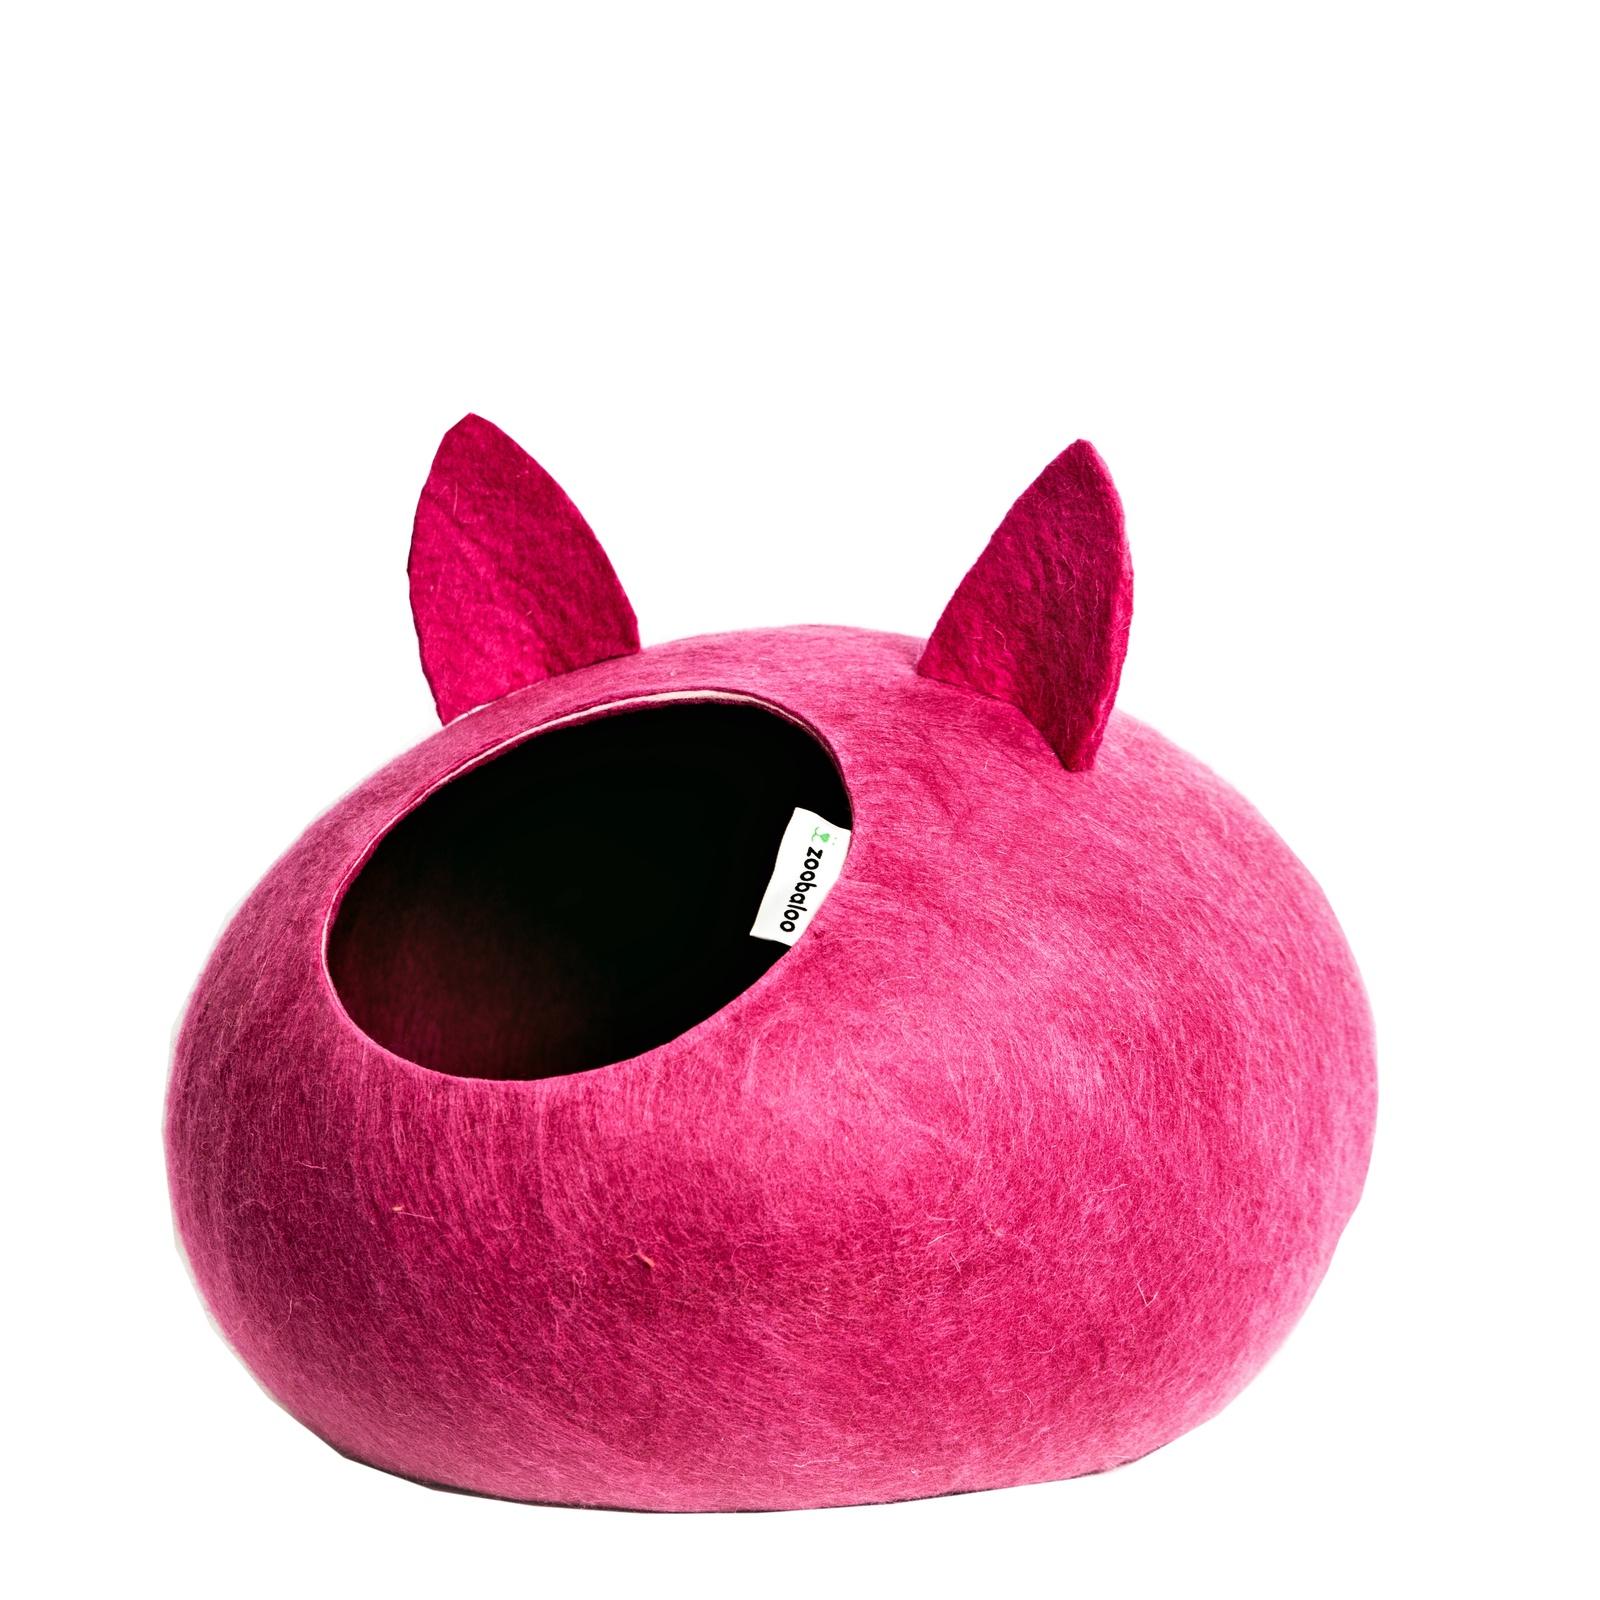 Домик для кошек и собак WoolPetHouse с ушками, малиновый, L домик слипер для животных zoobaloo woolpethouse с ушками цвет синий размер l